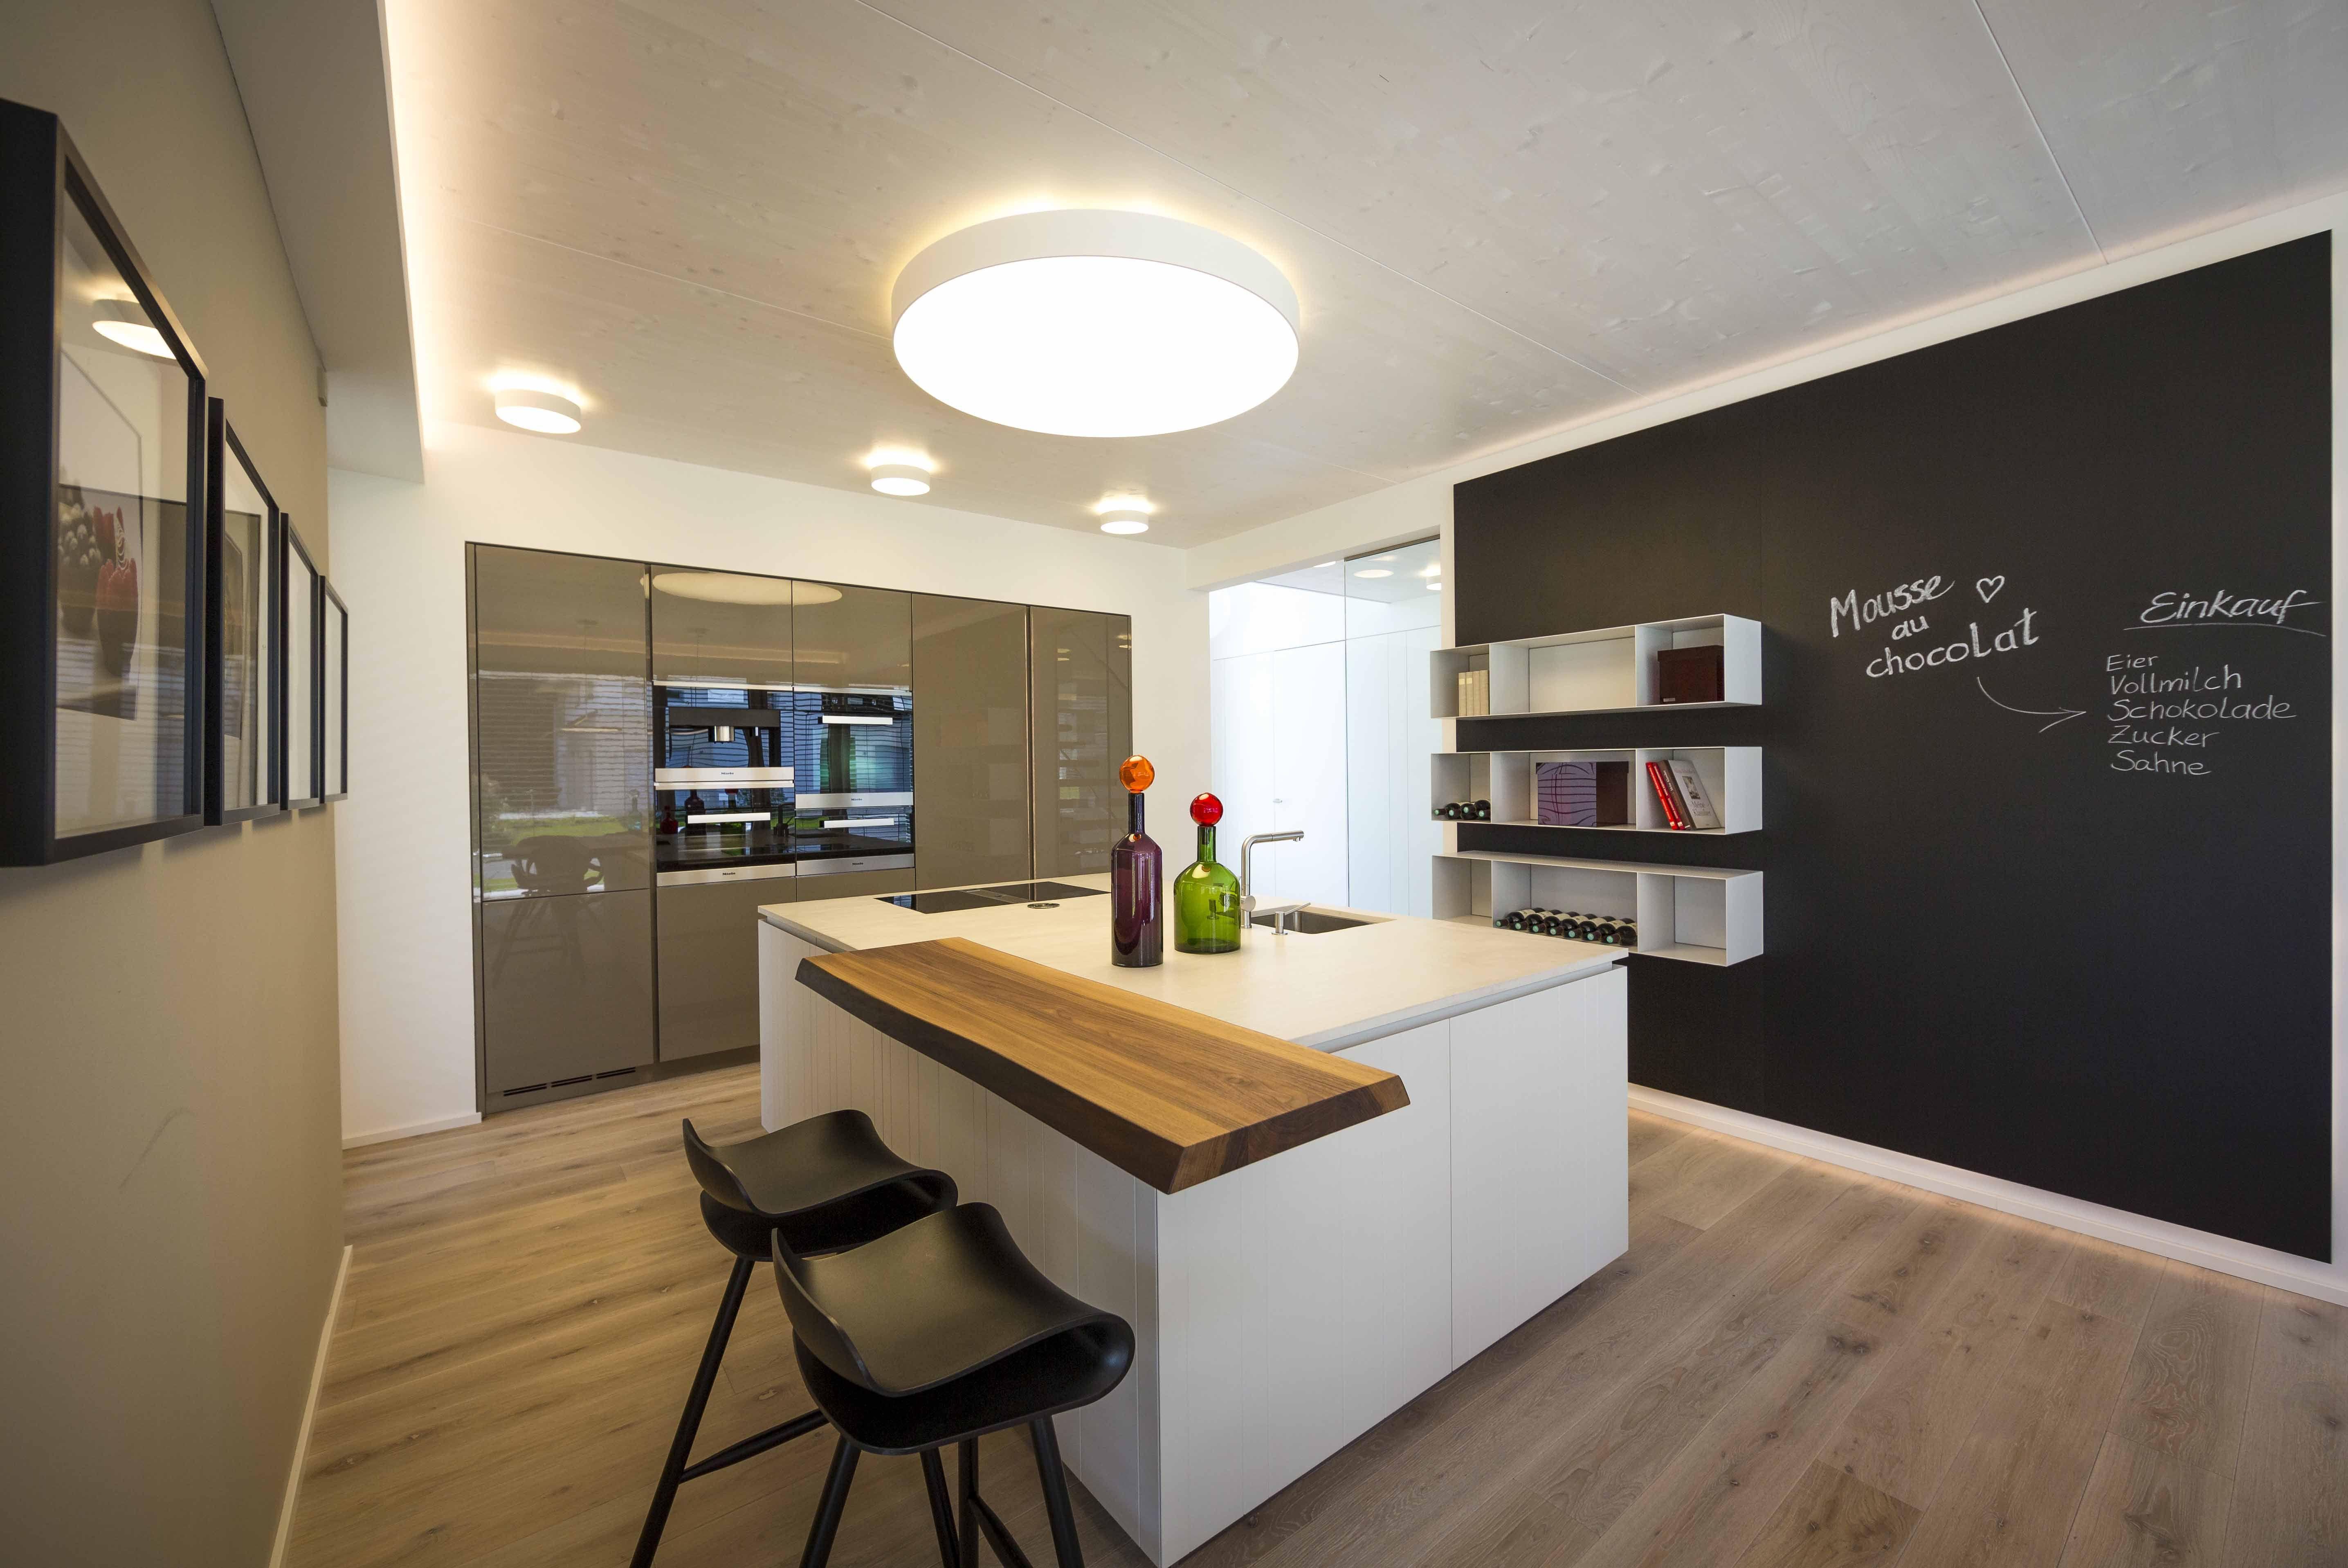 Tolle Kücheninsel Platz Für 4 Personen Bilder - Küchenschrank Ideen ...